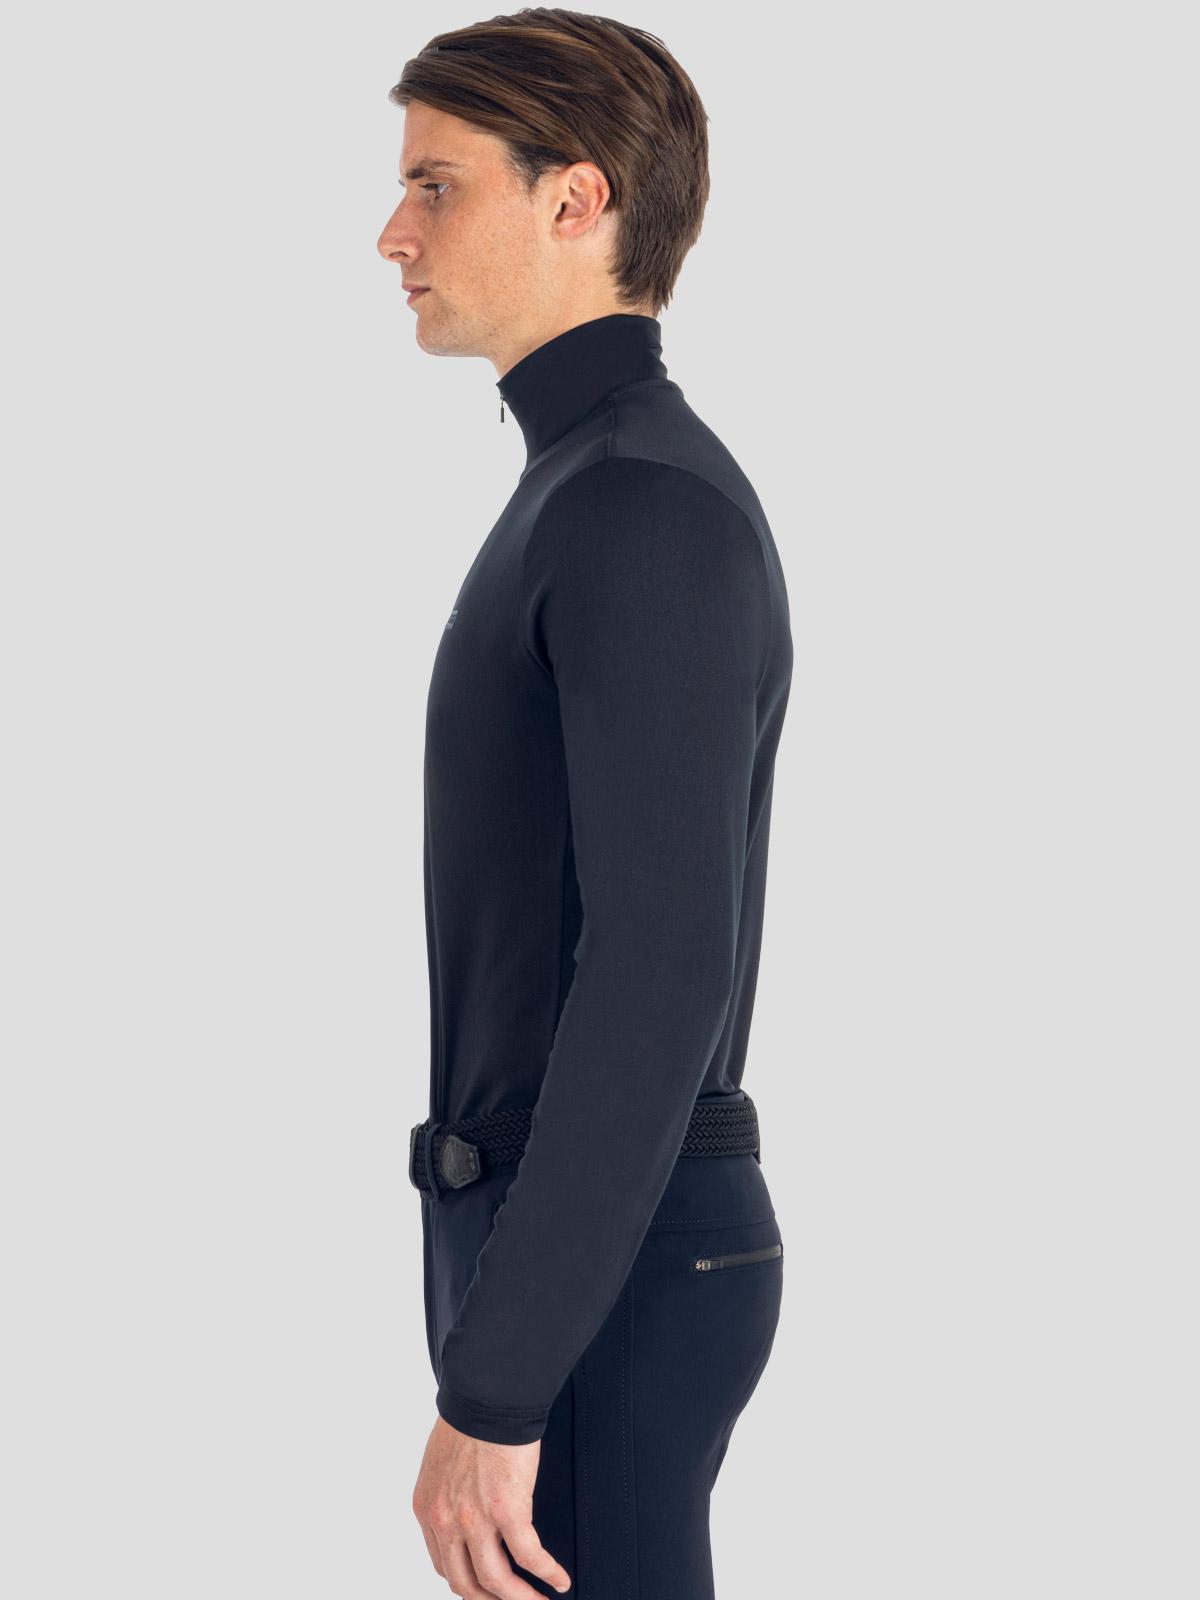 ELM Men's Long-Sleeve 1/4-Zip Training Top 3